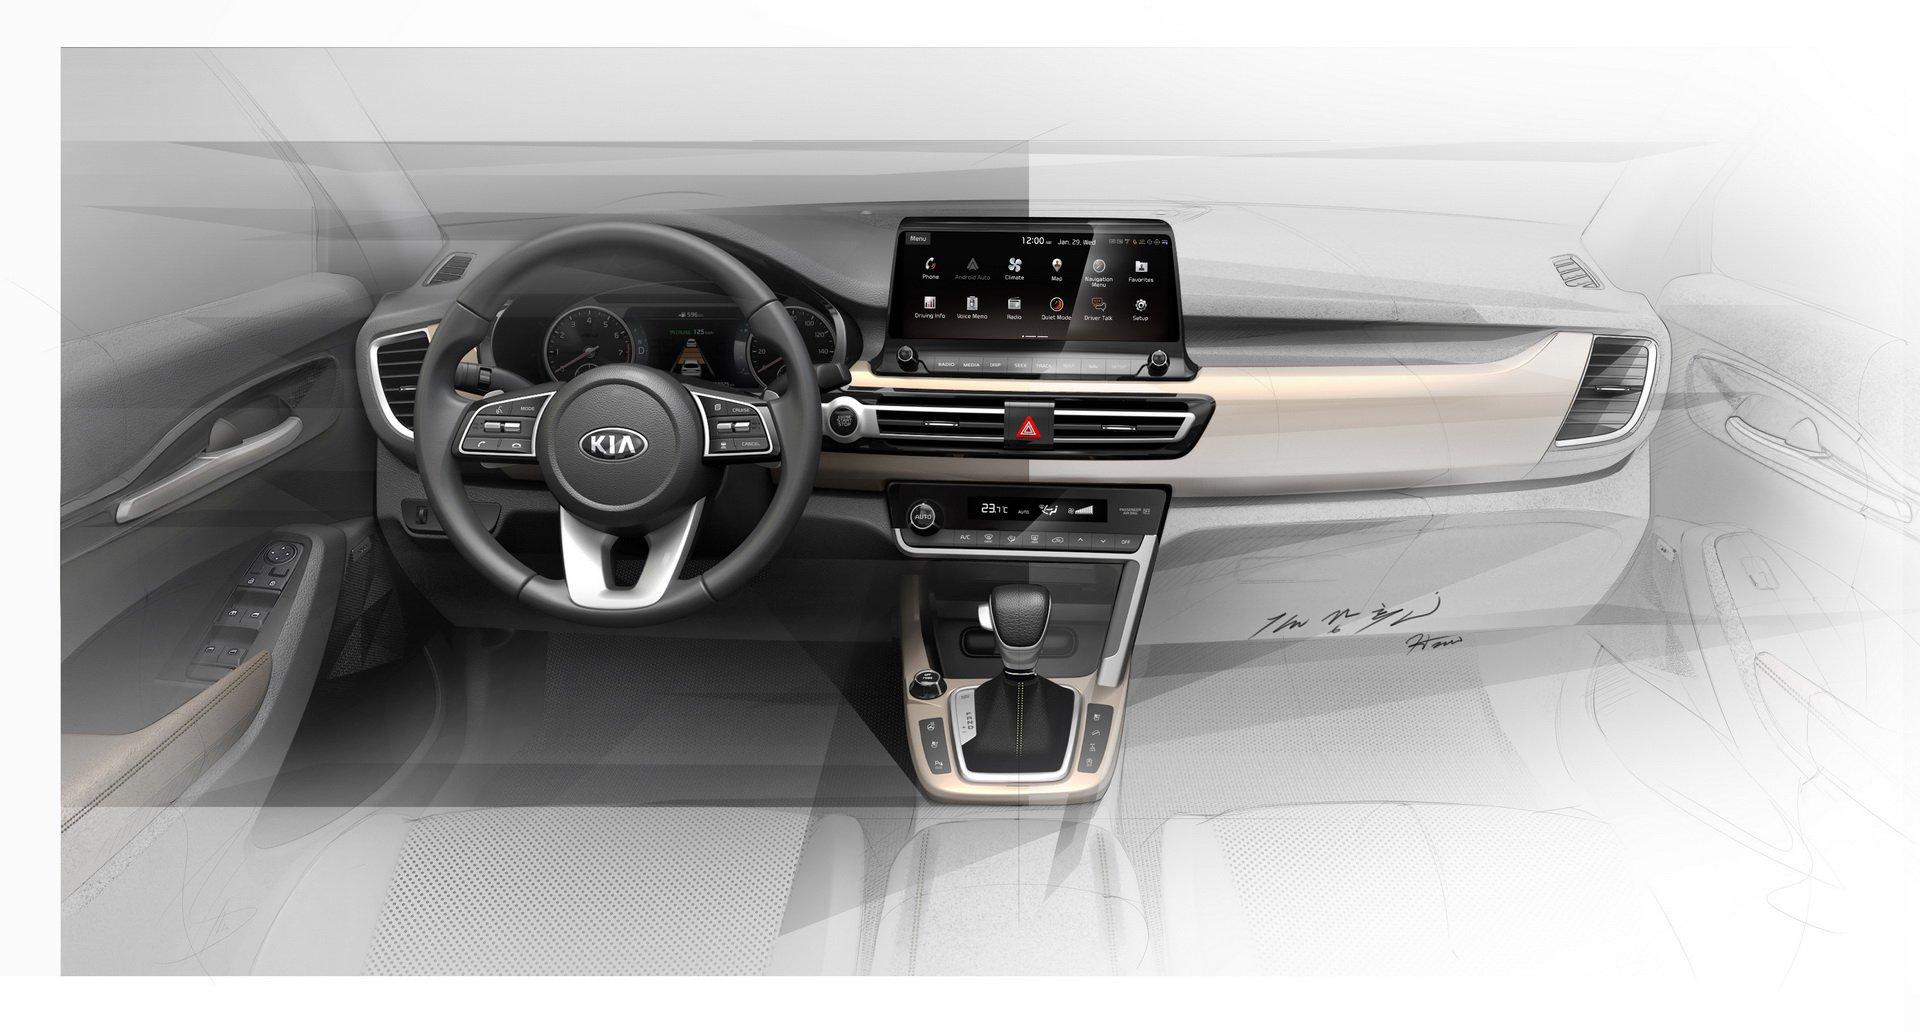 SUV Kia interior (3)